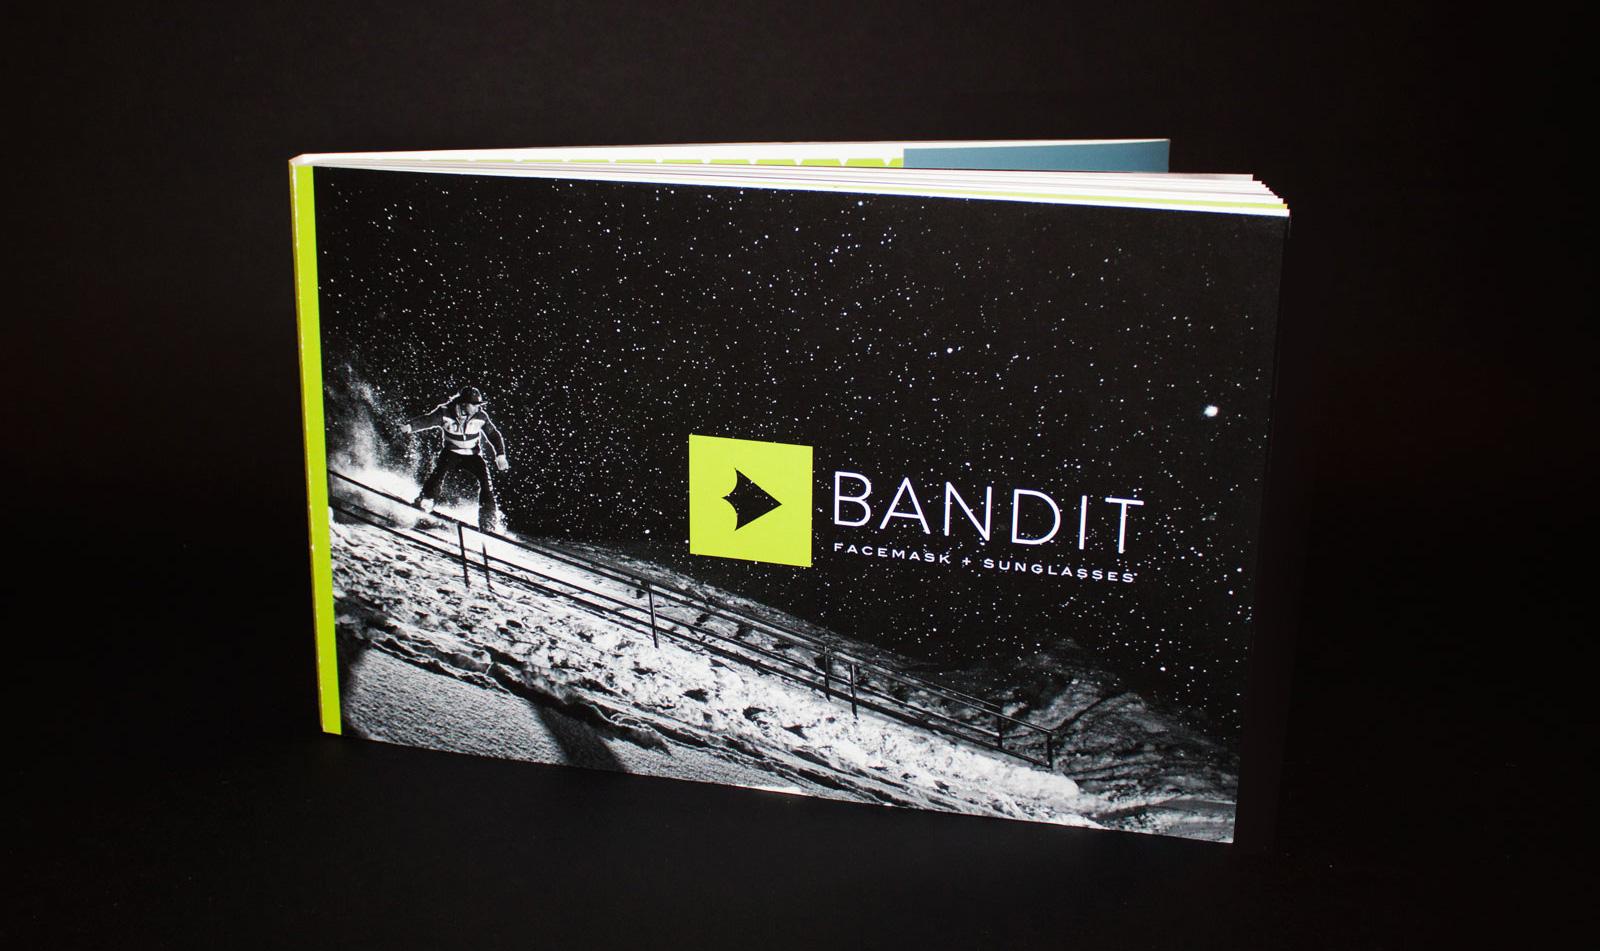 ZanBarnett-Brand-Bandit1.jpg